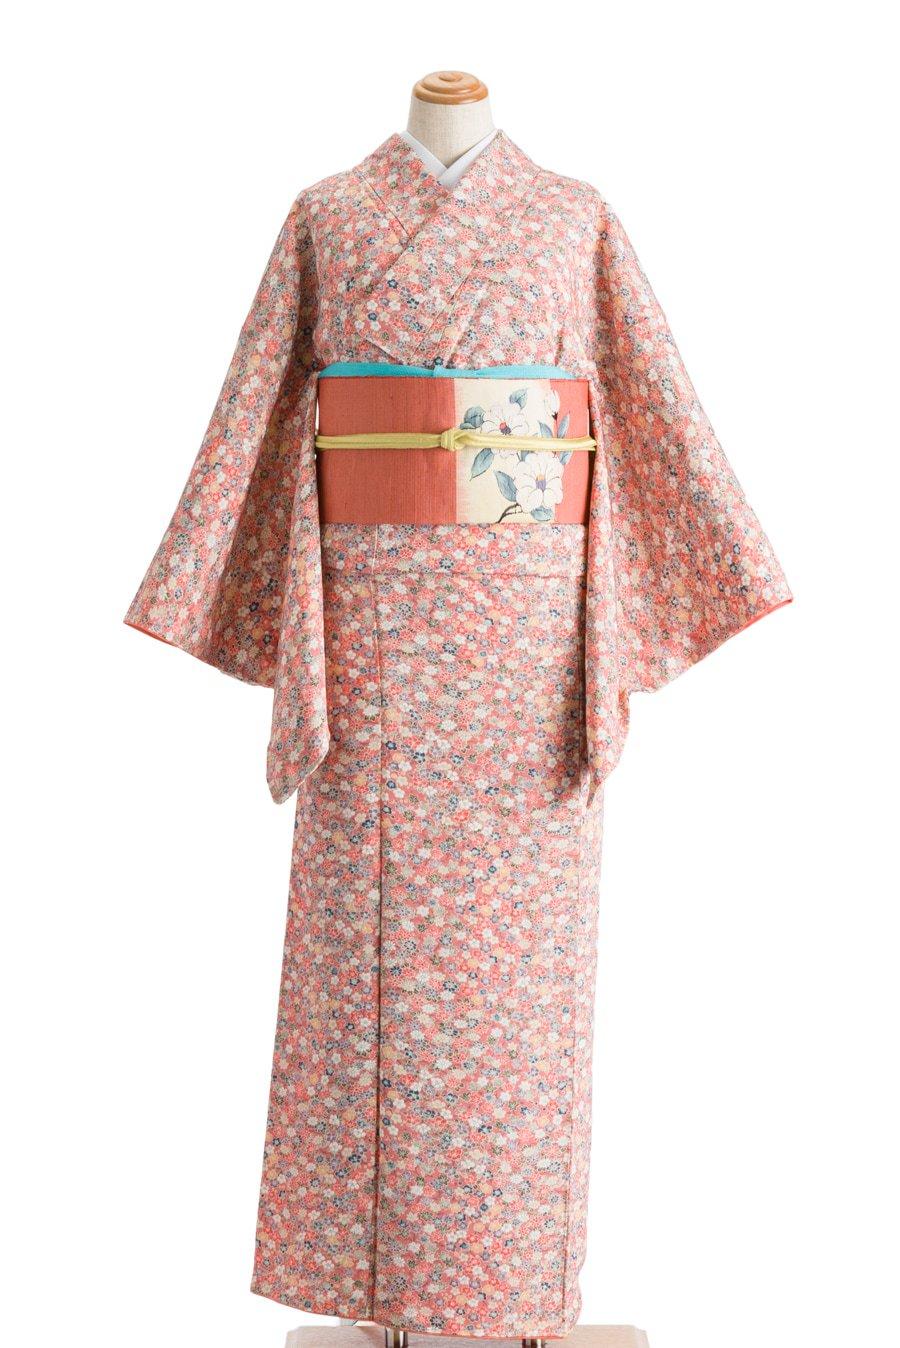 「小さな菊や椿」の商品画像